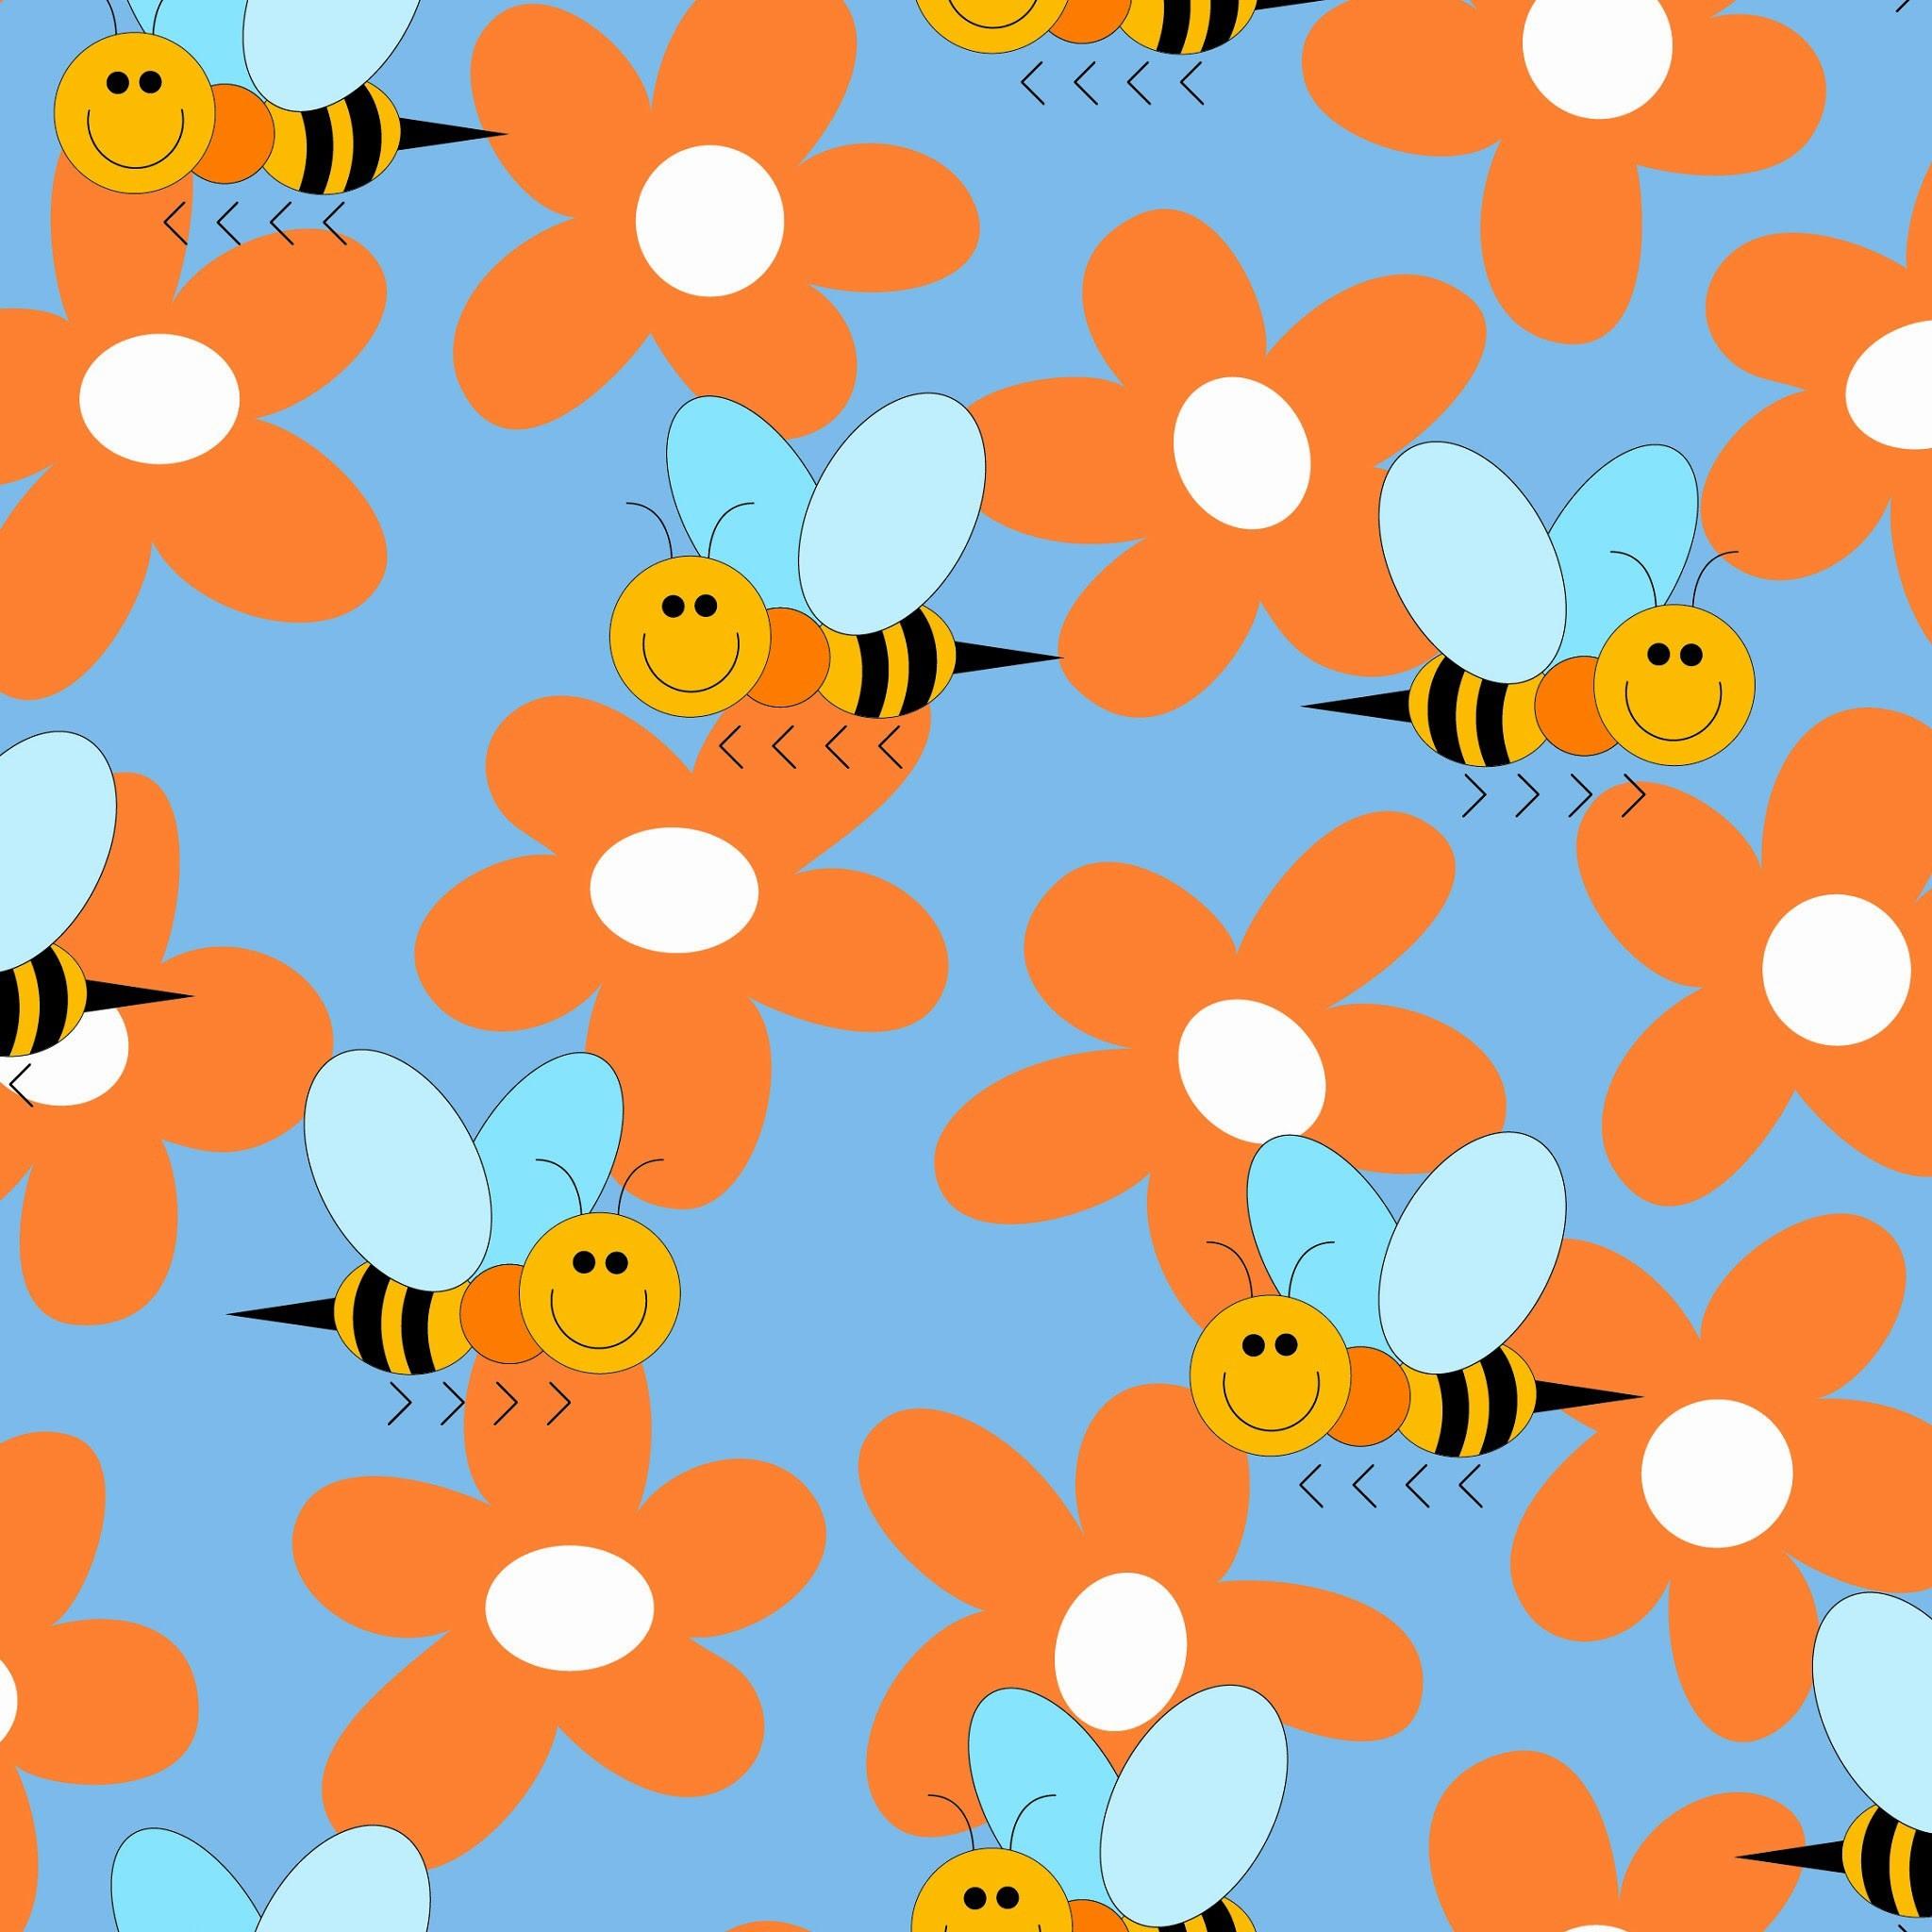 Sfondi per bambini 46 immagini for Immagini giraffa per bambini